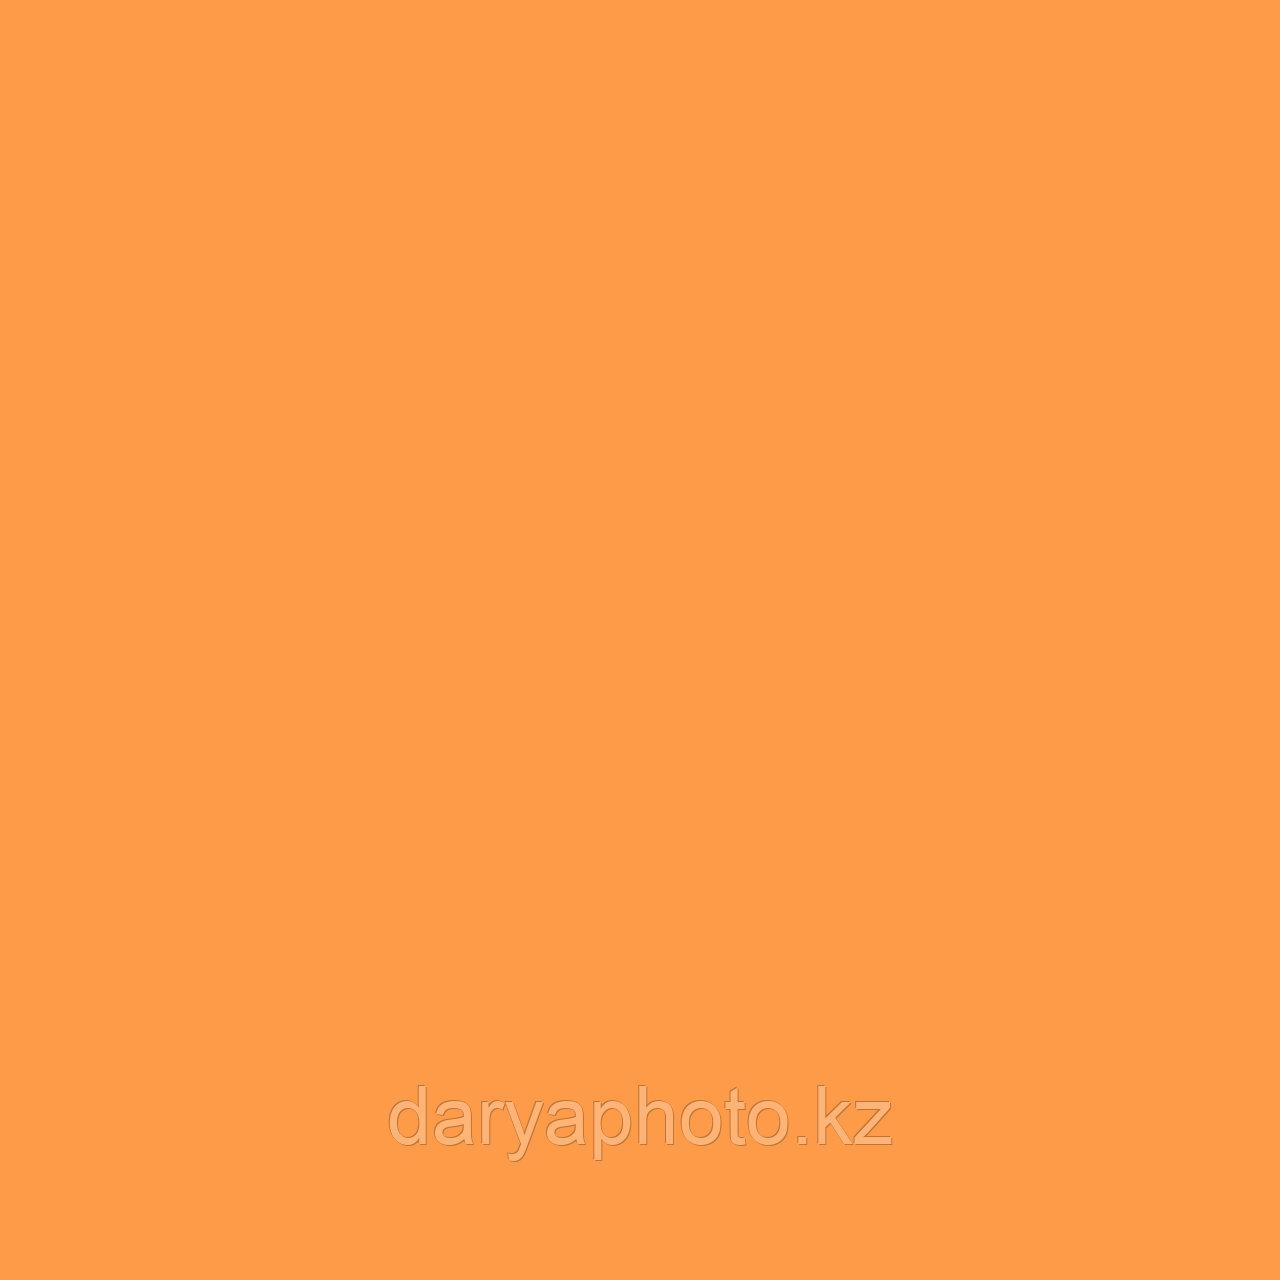 Оранжево желтый (апельсиновый) Фон бумажный. Фотофон. Фон для фотостудии